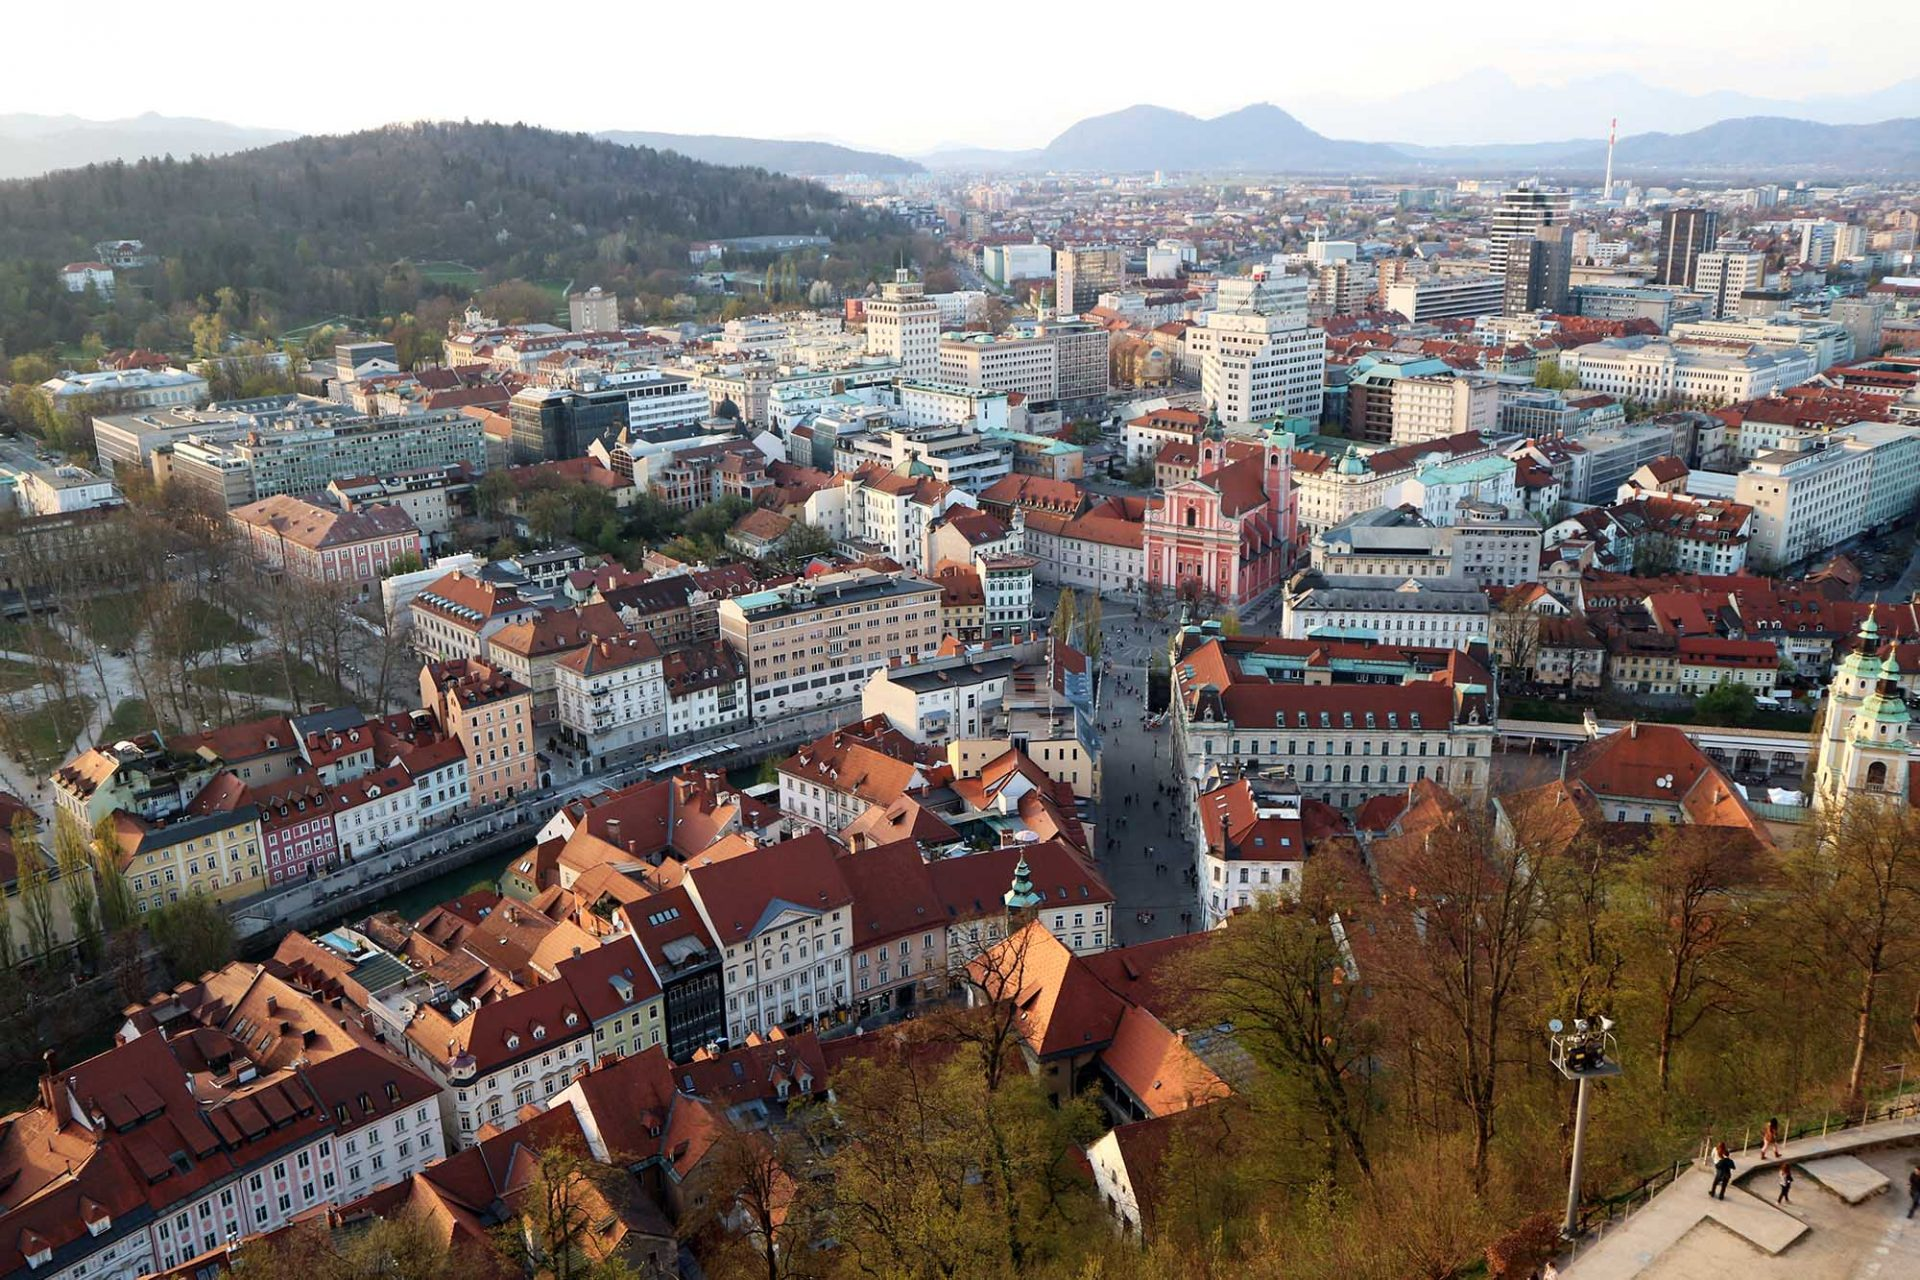 Landachse. Sie verbindet die Burg und Altstadt im Vordergrund über die Drei Brücken mit dem Waldhügel Rožnik und dem Tivolipark im Hintergrund.